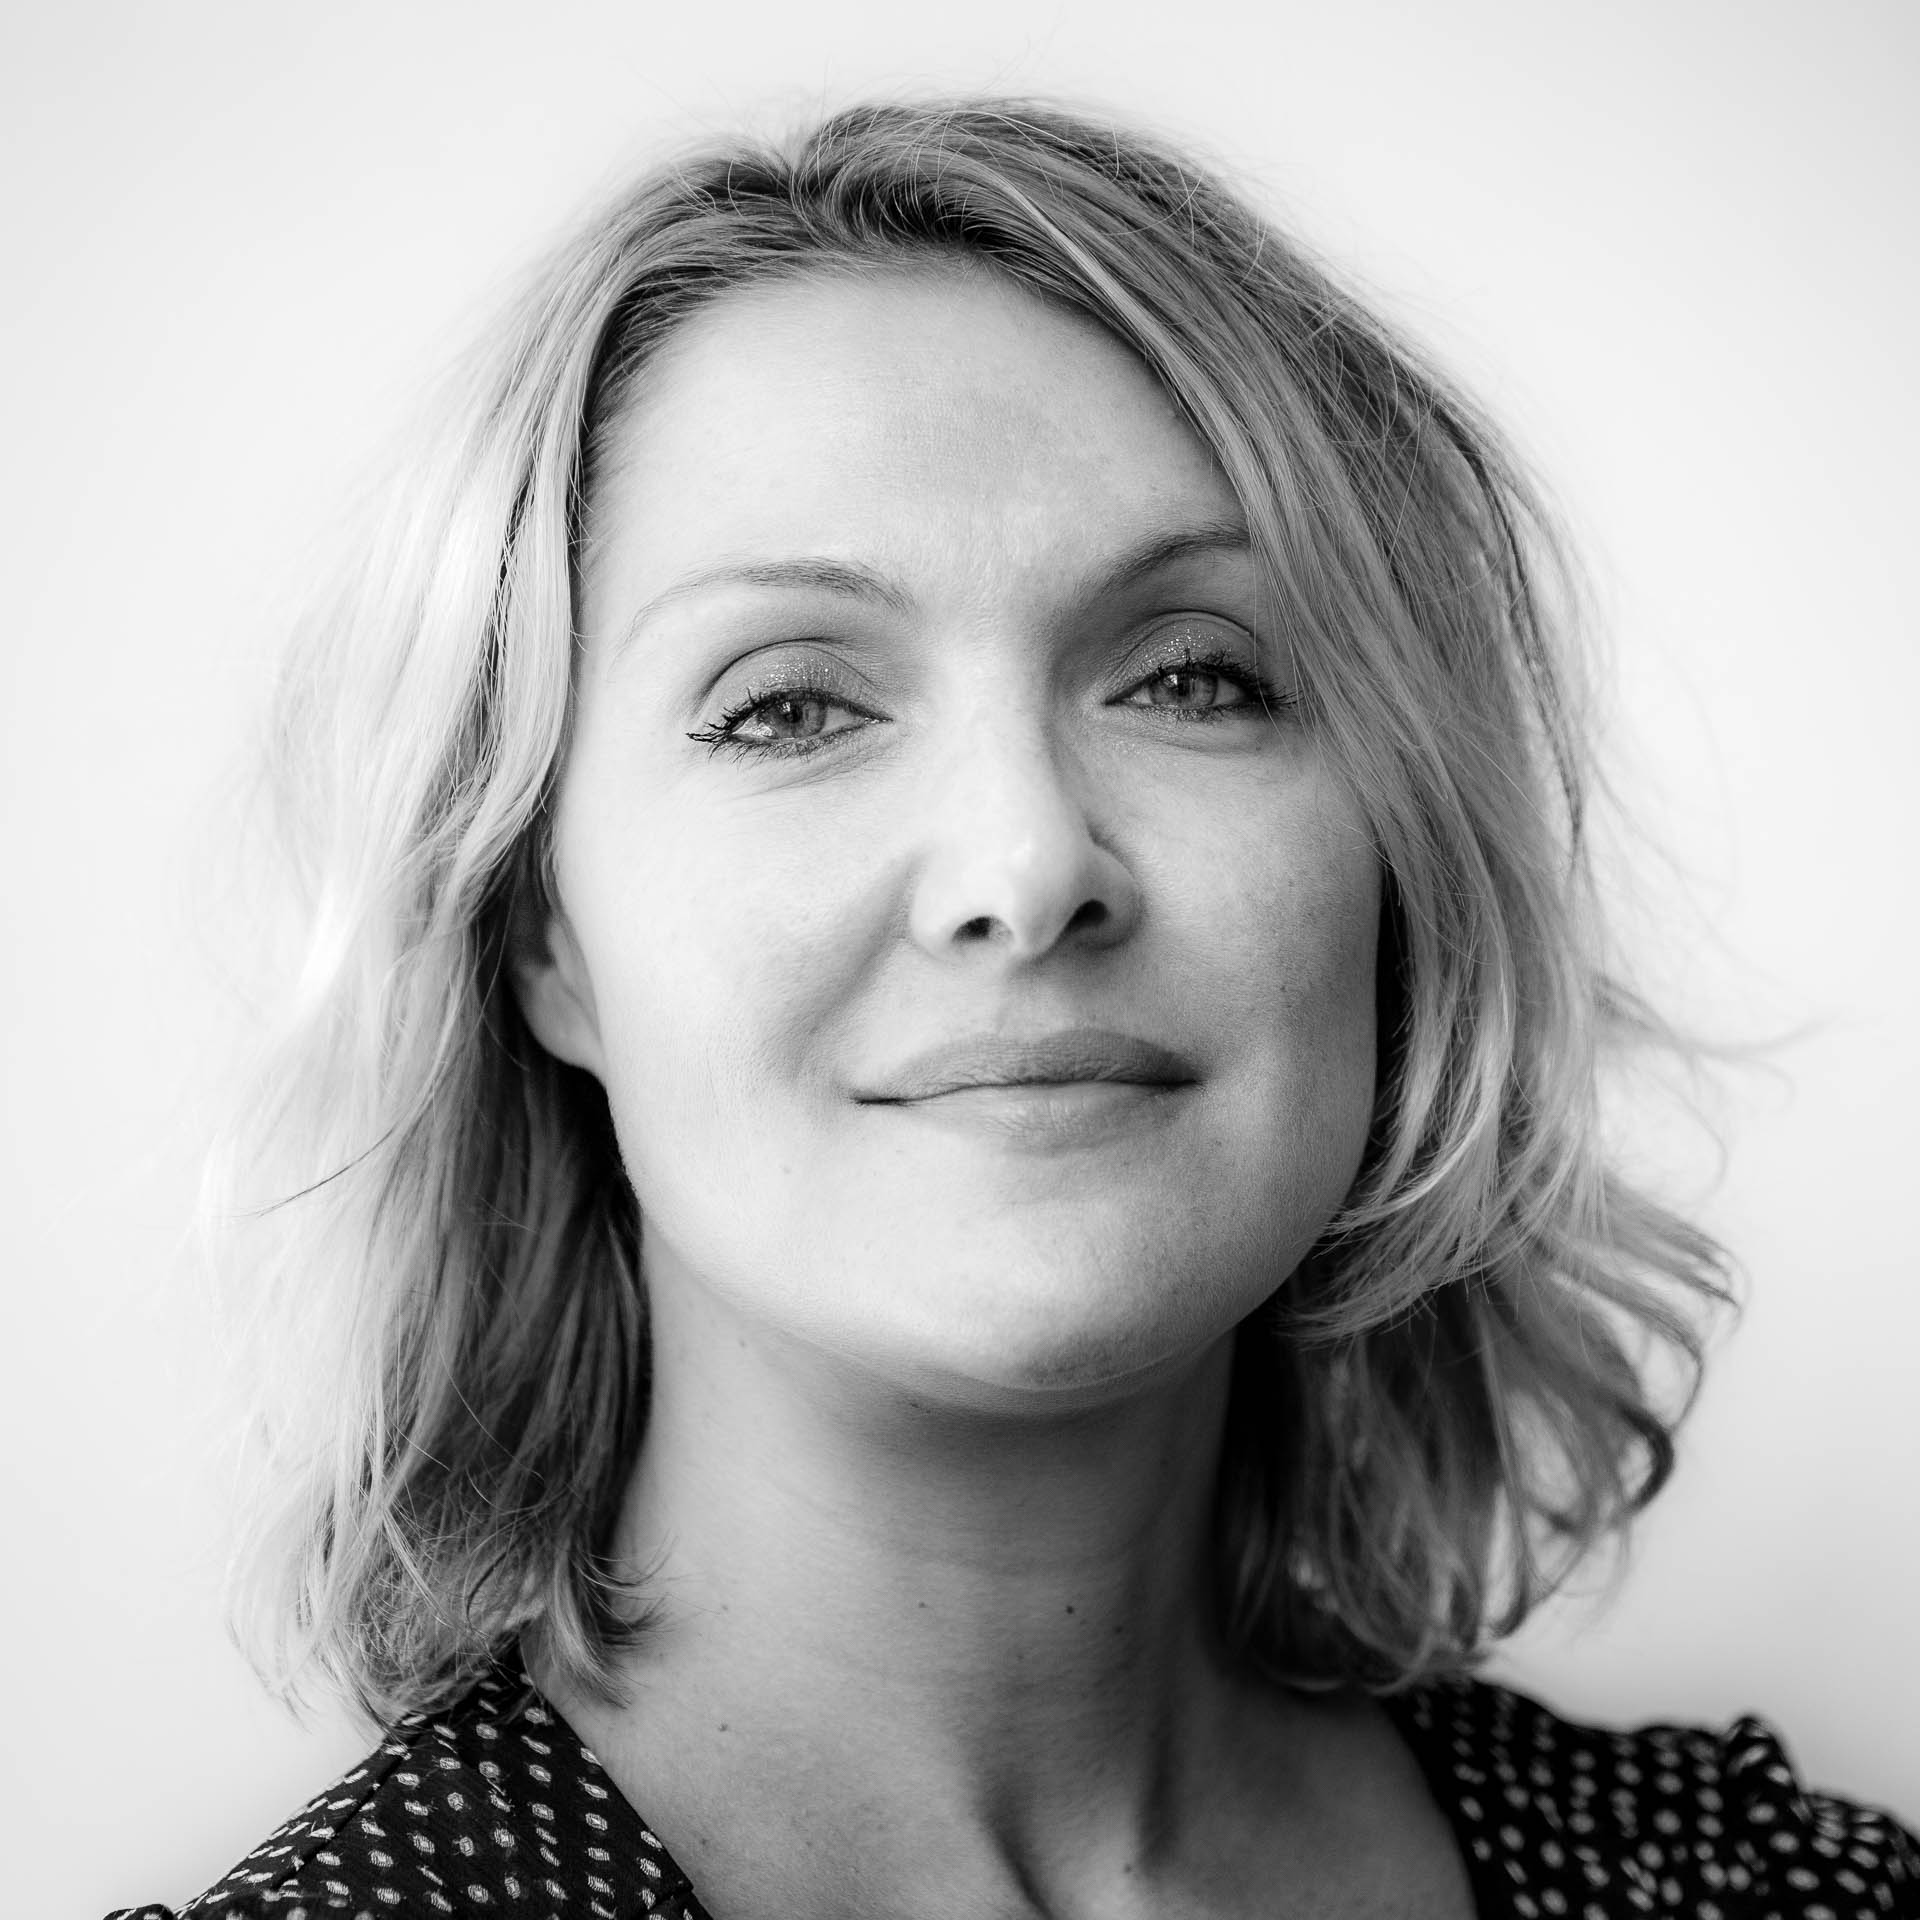 Christelle Bivic - Suite à ses 20 ans d'expérience en tant que RH, Christelle entreprend, tout naturellement, d'apporter une réponse pertinente à ce mal-être parfois profond. C'est par ses qualités d'écoute et son approche fine de l'humain, qu'elle propose ce chemin réparateur et énergisant, en vue d'un nouveau départ.